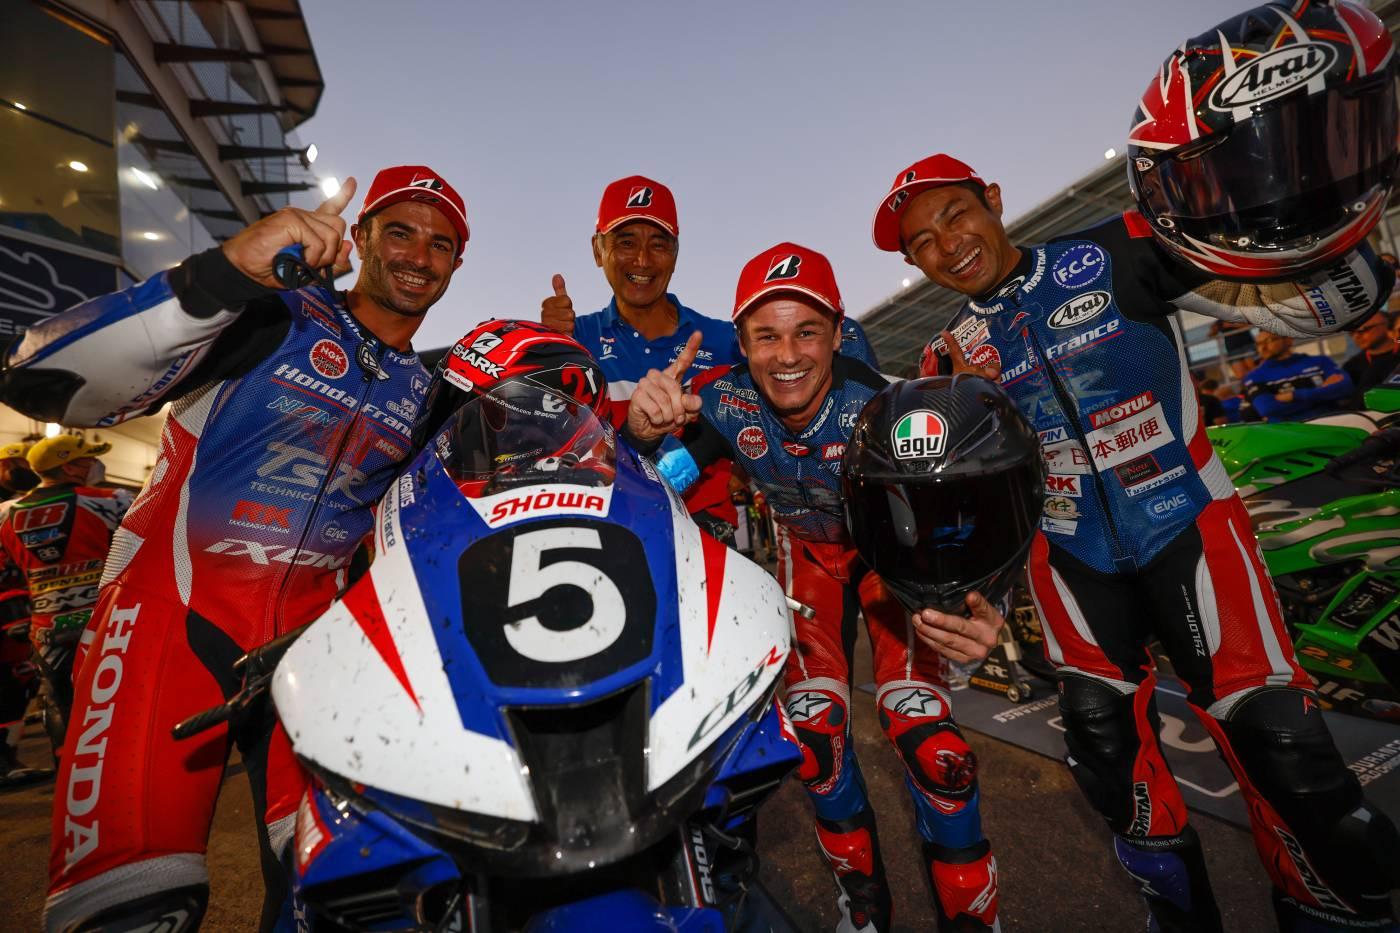 エストリル12時間レースでF.C.C. TSR Honda Franceが優勝しランキング2位に浮上